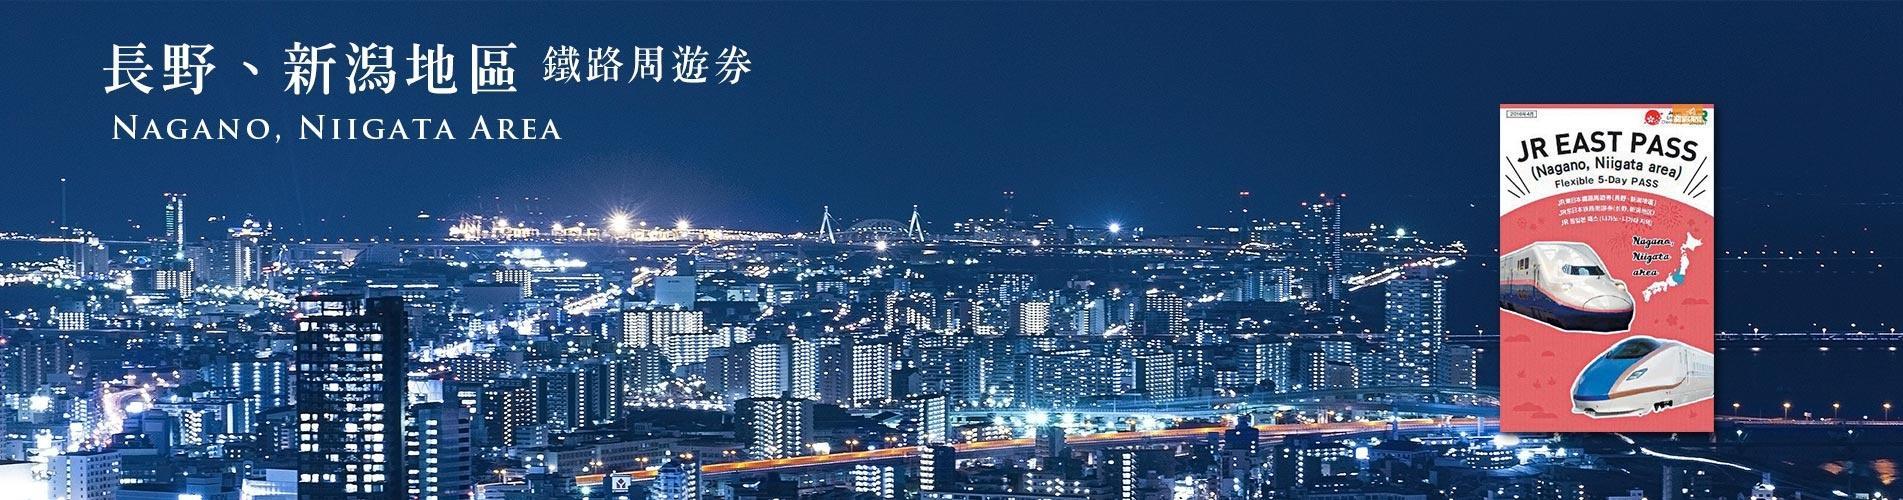 日本火車證 - JR東日本線長野、新潟地區周遊券